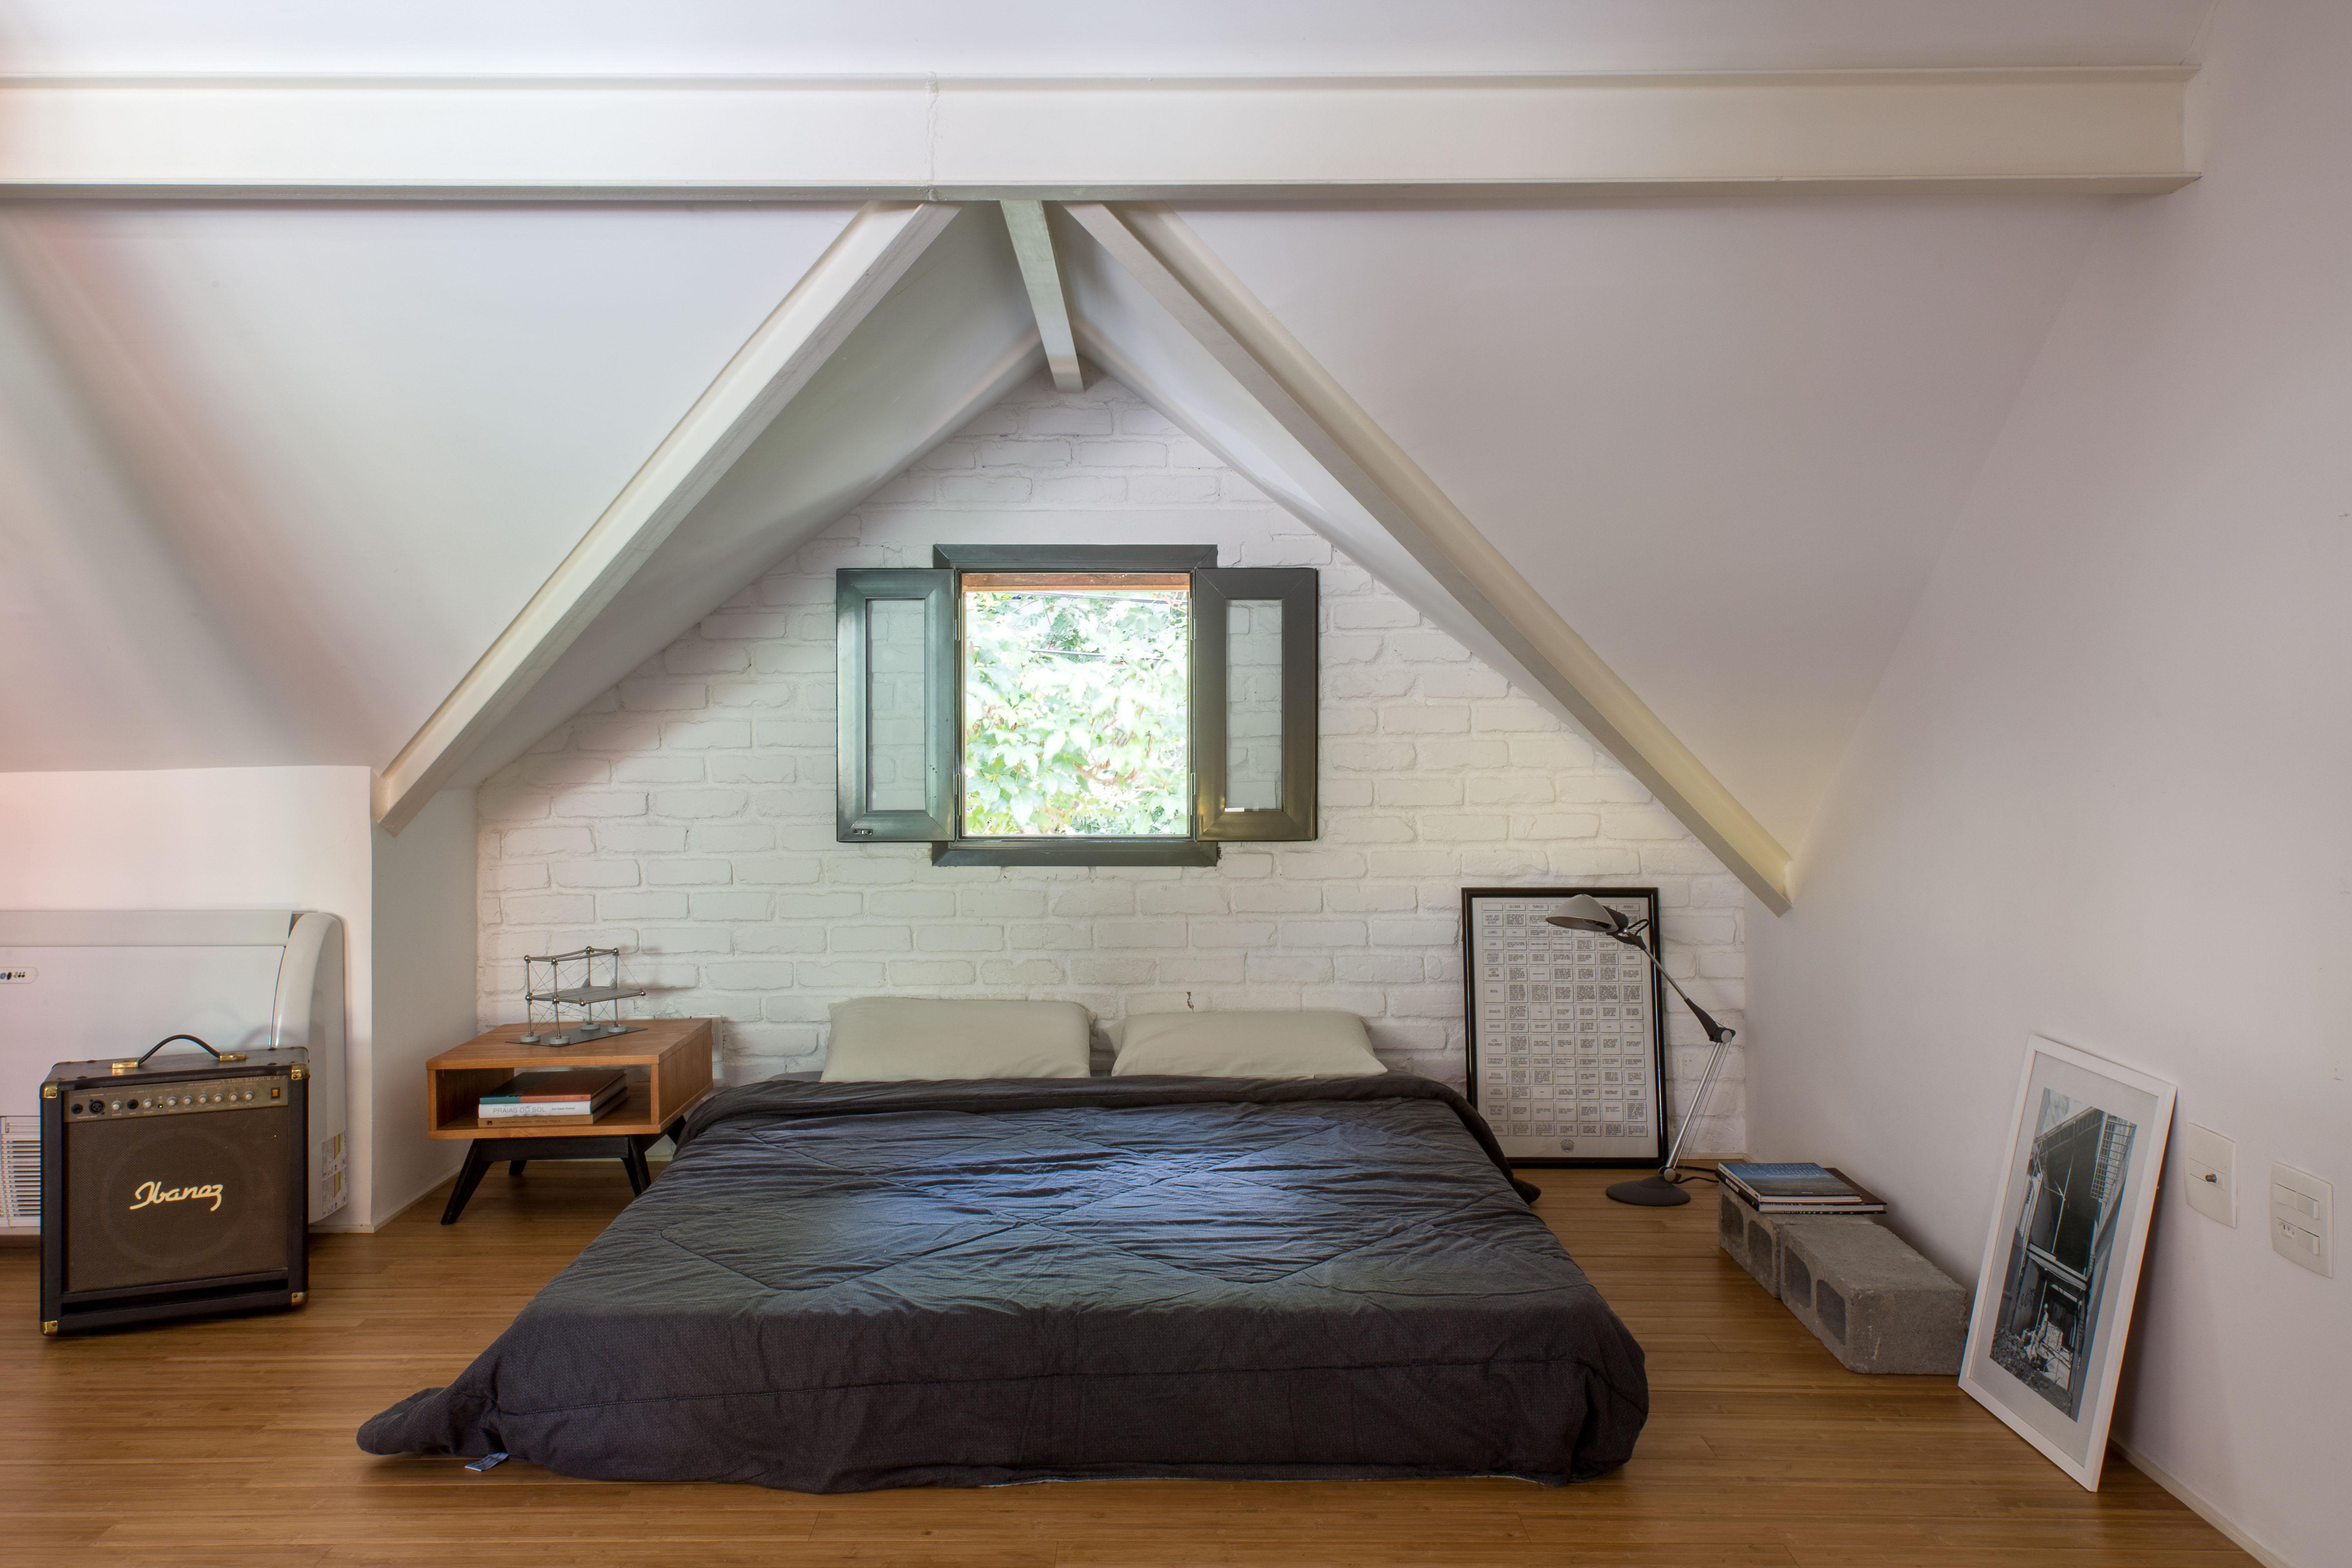 Casa_Baumann_Arquitetura_Retrofit_Patrimonio_Cultural_Restauro_Reforma_Construção_Sustentável_12-lev